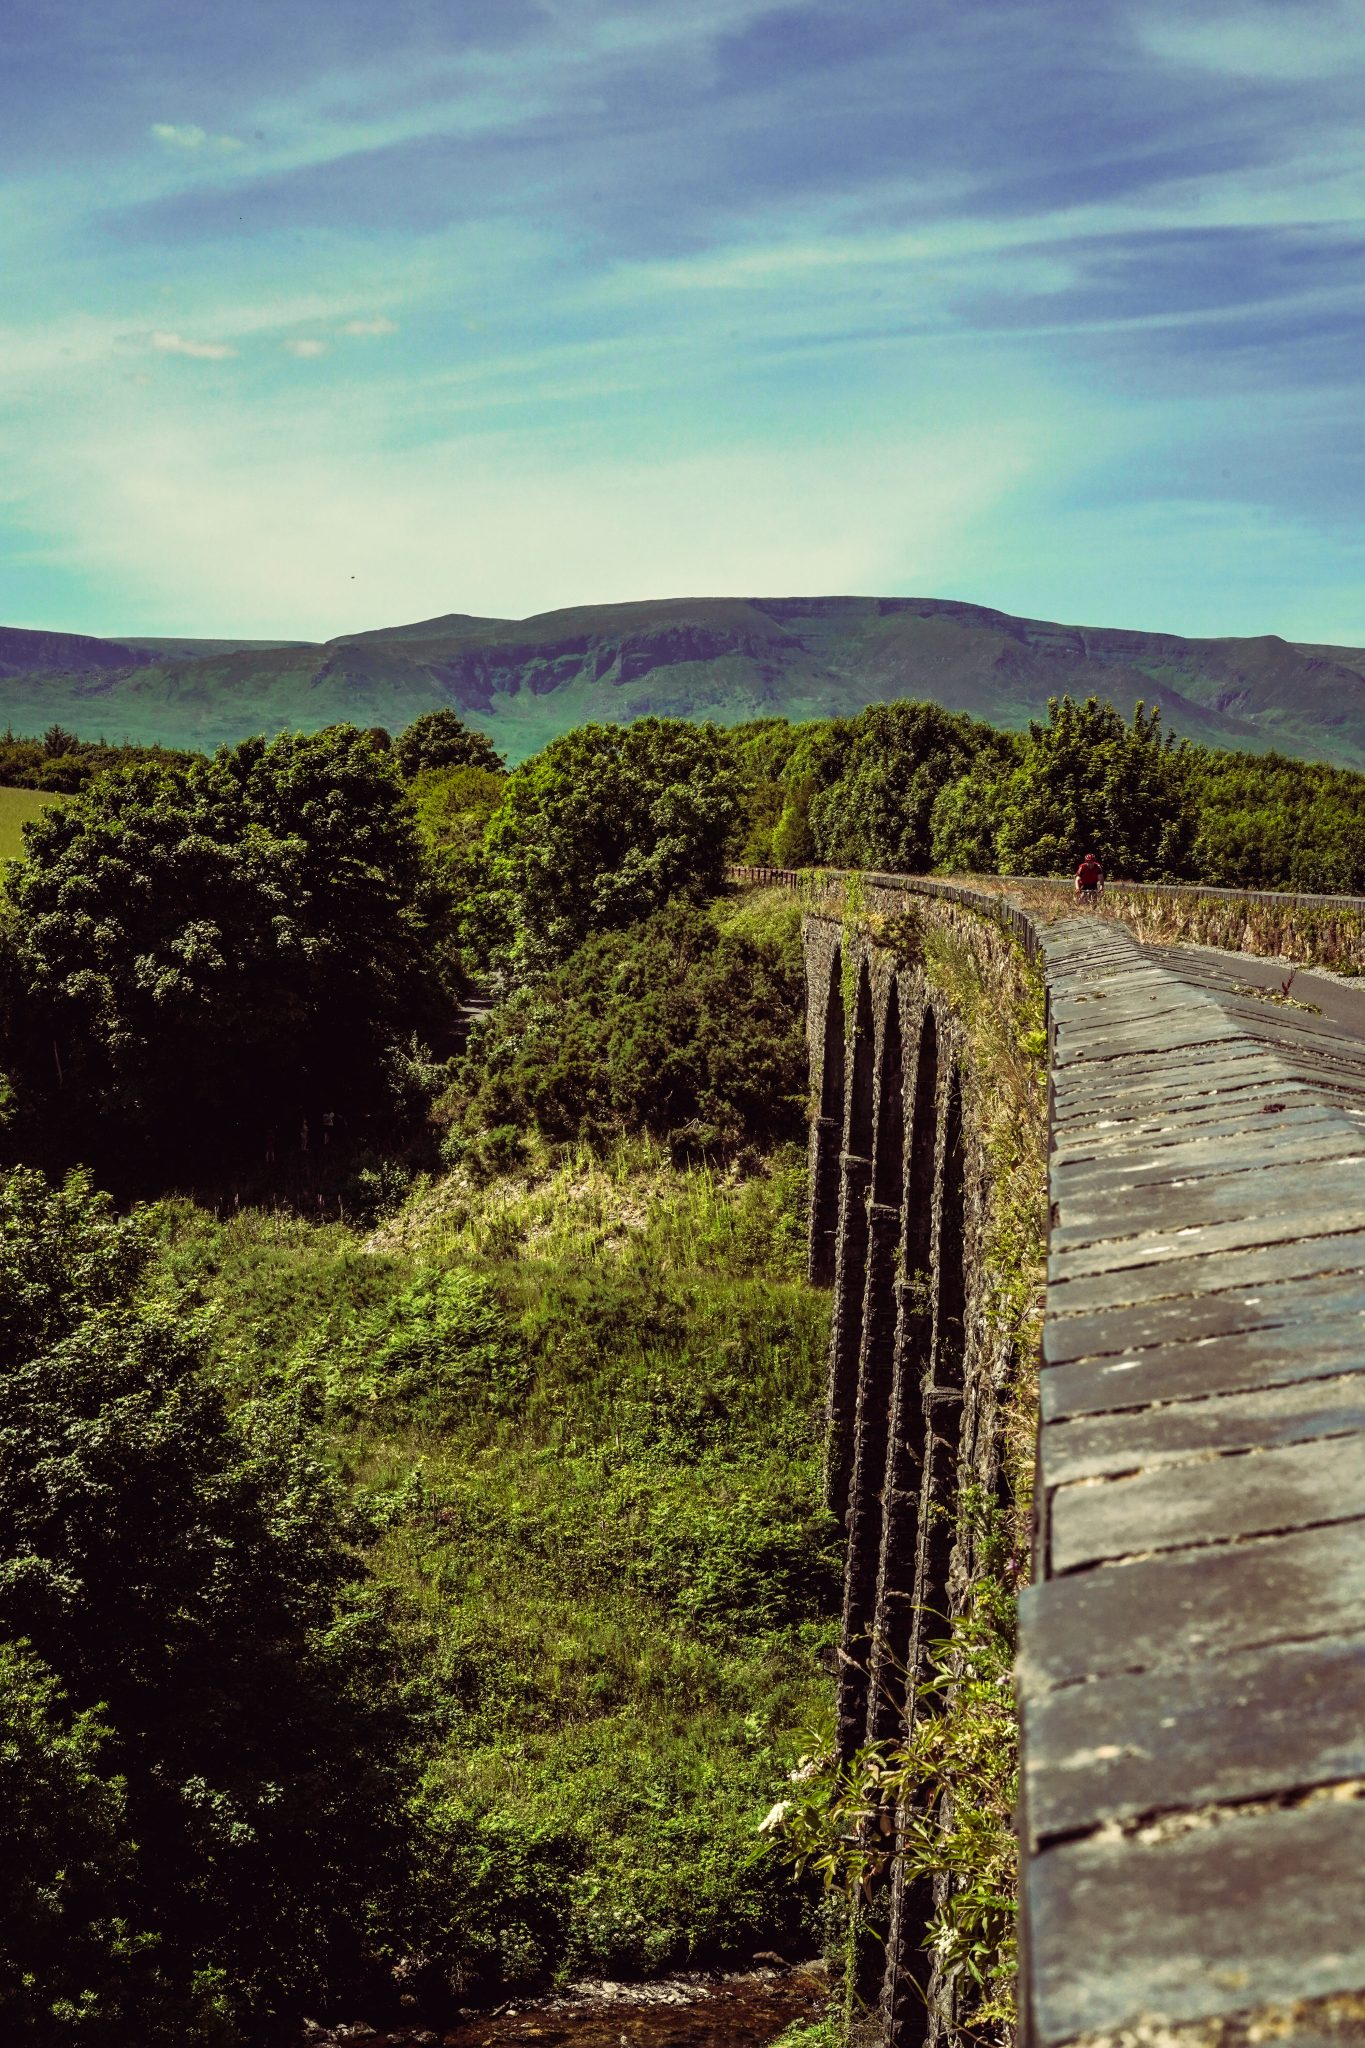 Irland 34 | Vor ein paar Monaten waren wir auf einer wirklich unglaublichen Reise. Daher wird es mehr als Zeit euch von unserem Wochenende in Irland zu berichten! Gemeinsam mit Kerrygold ging es für uns nach Cork ... unser Ziel? Das Weidemilch-Prinzip kennenzulernen und das eben nicht auf dem Papier sondern vor Ort.